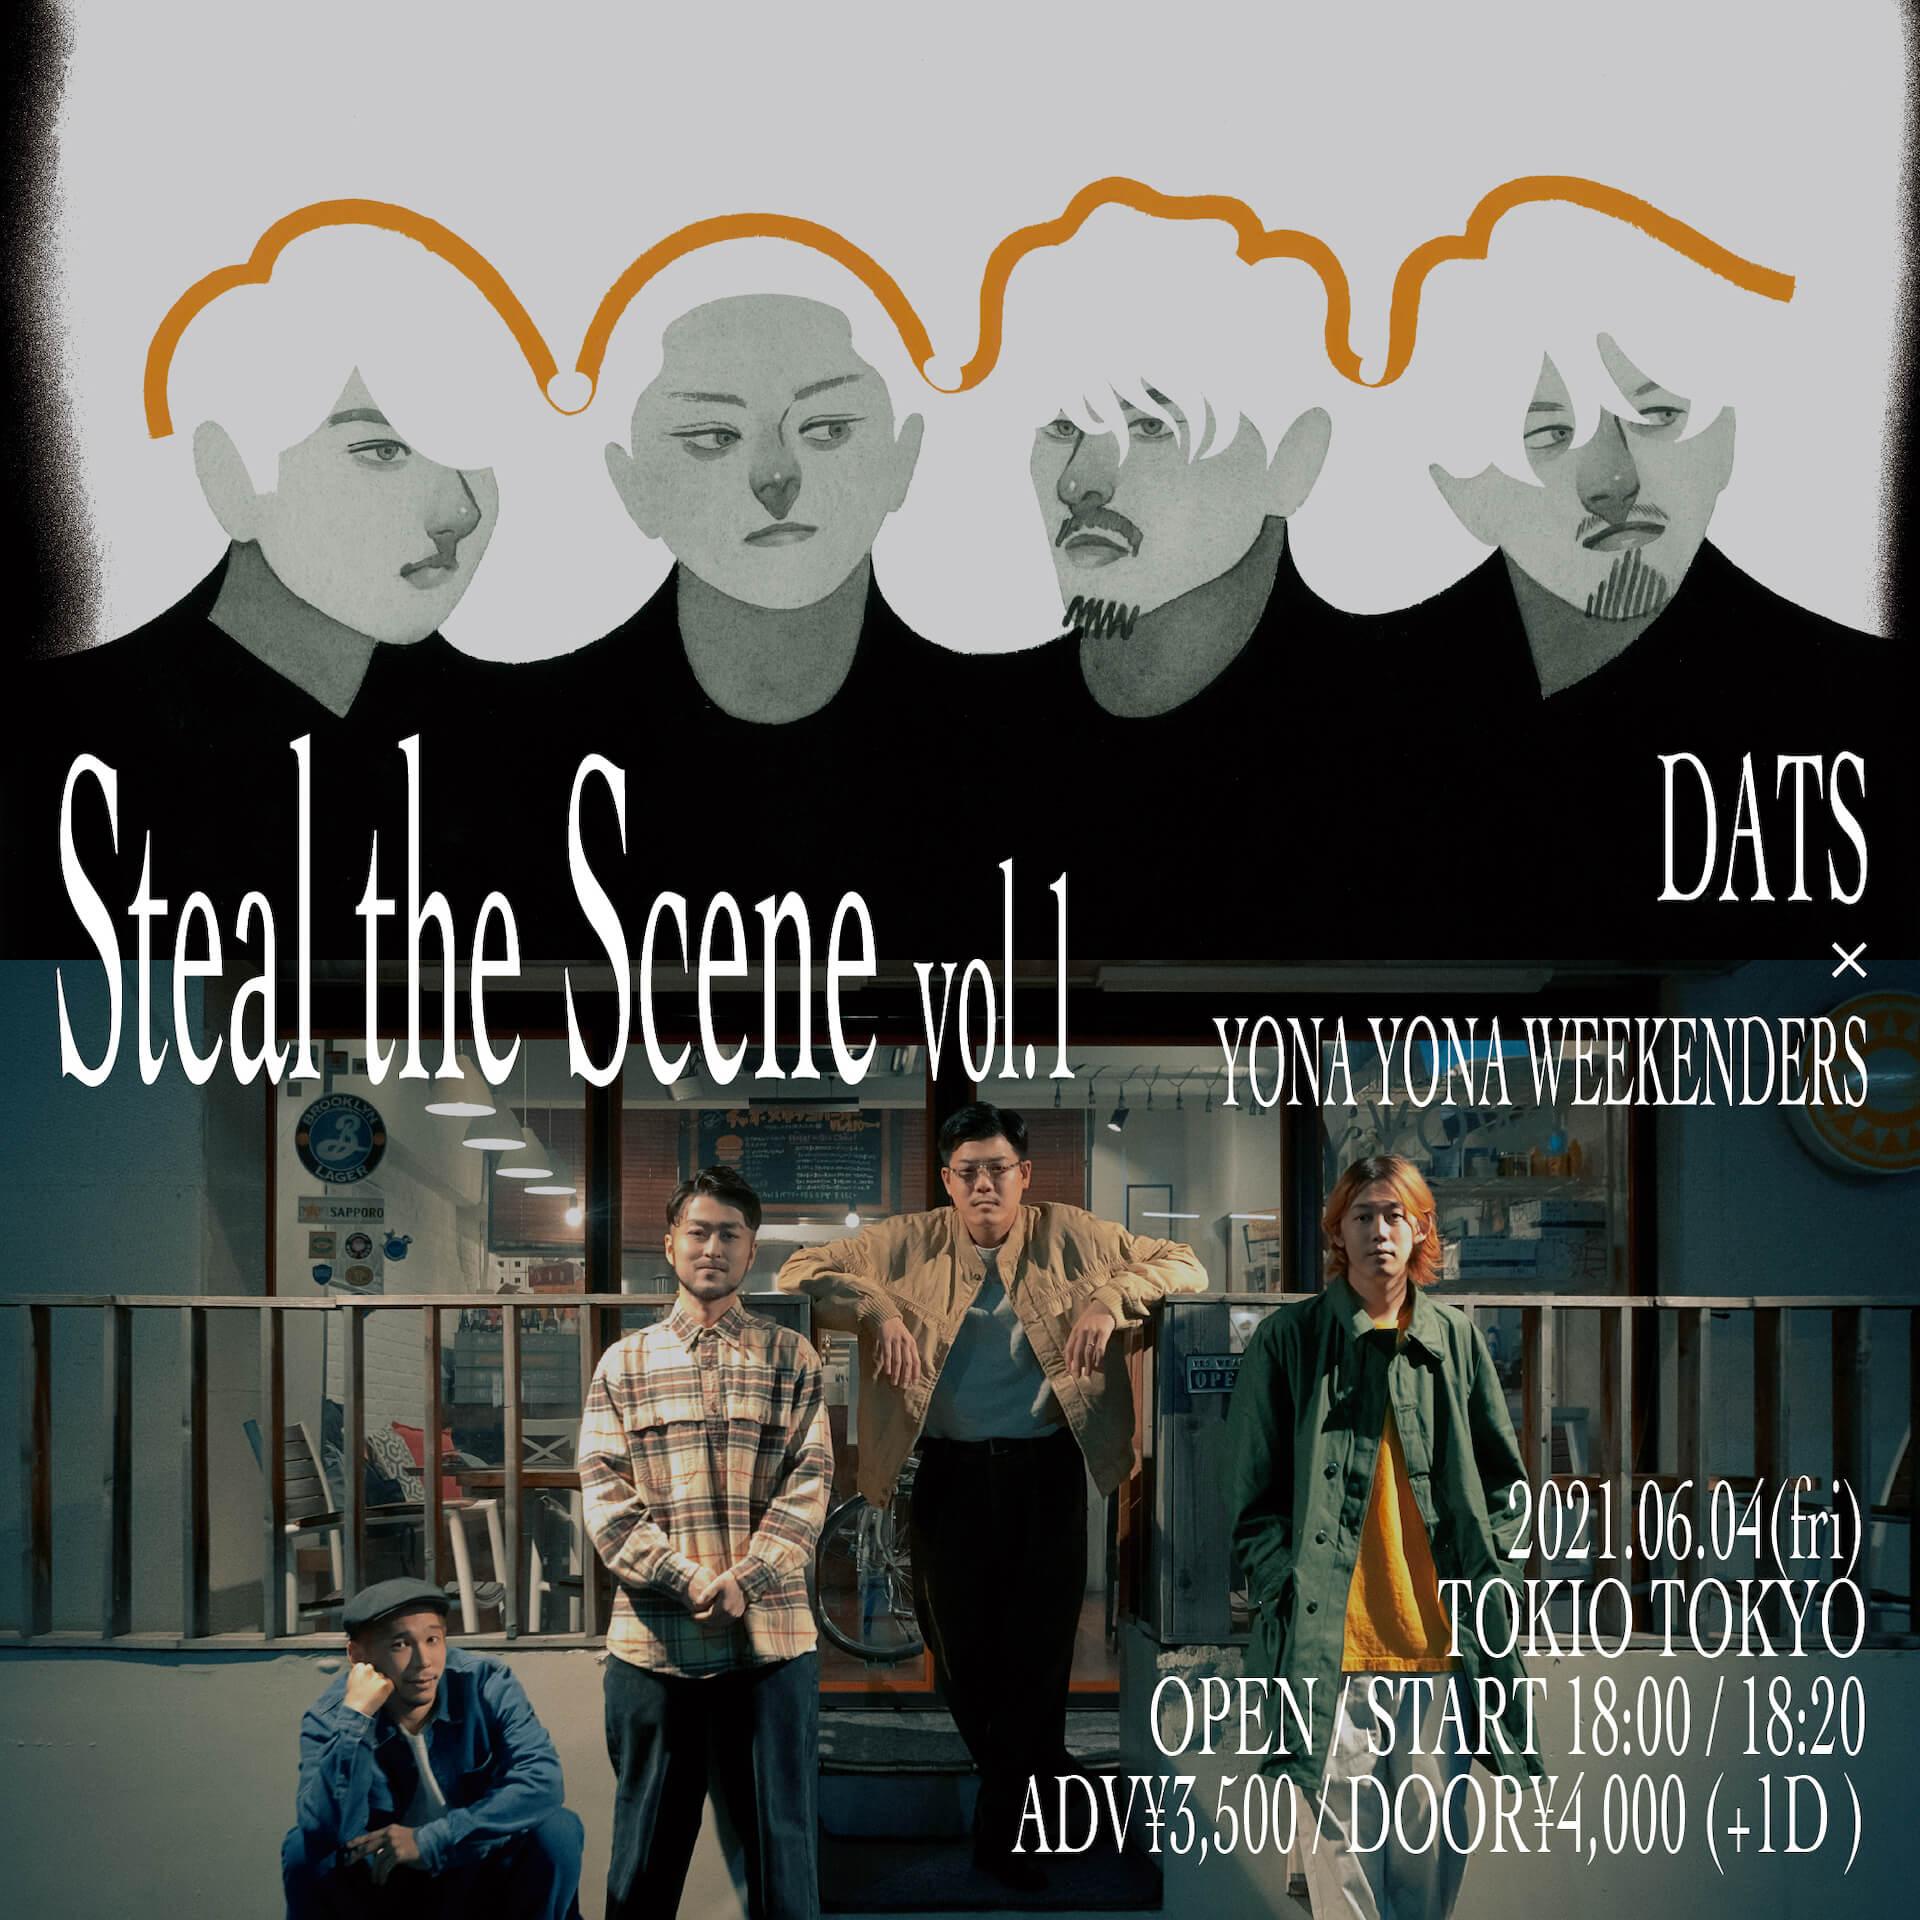 2マンライブ企画<Steal the Scene>が開催に!第1弾はDATS×YONA YONA WEEKENDERS music210506_steal-the-scene-210506_1